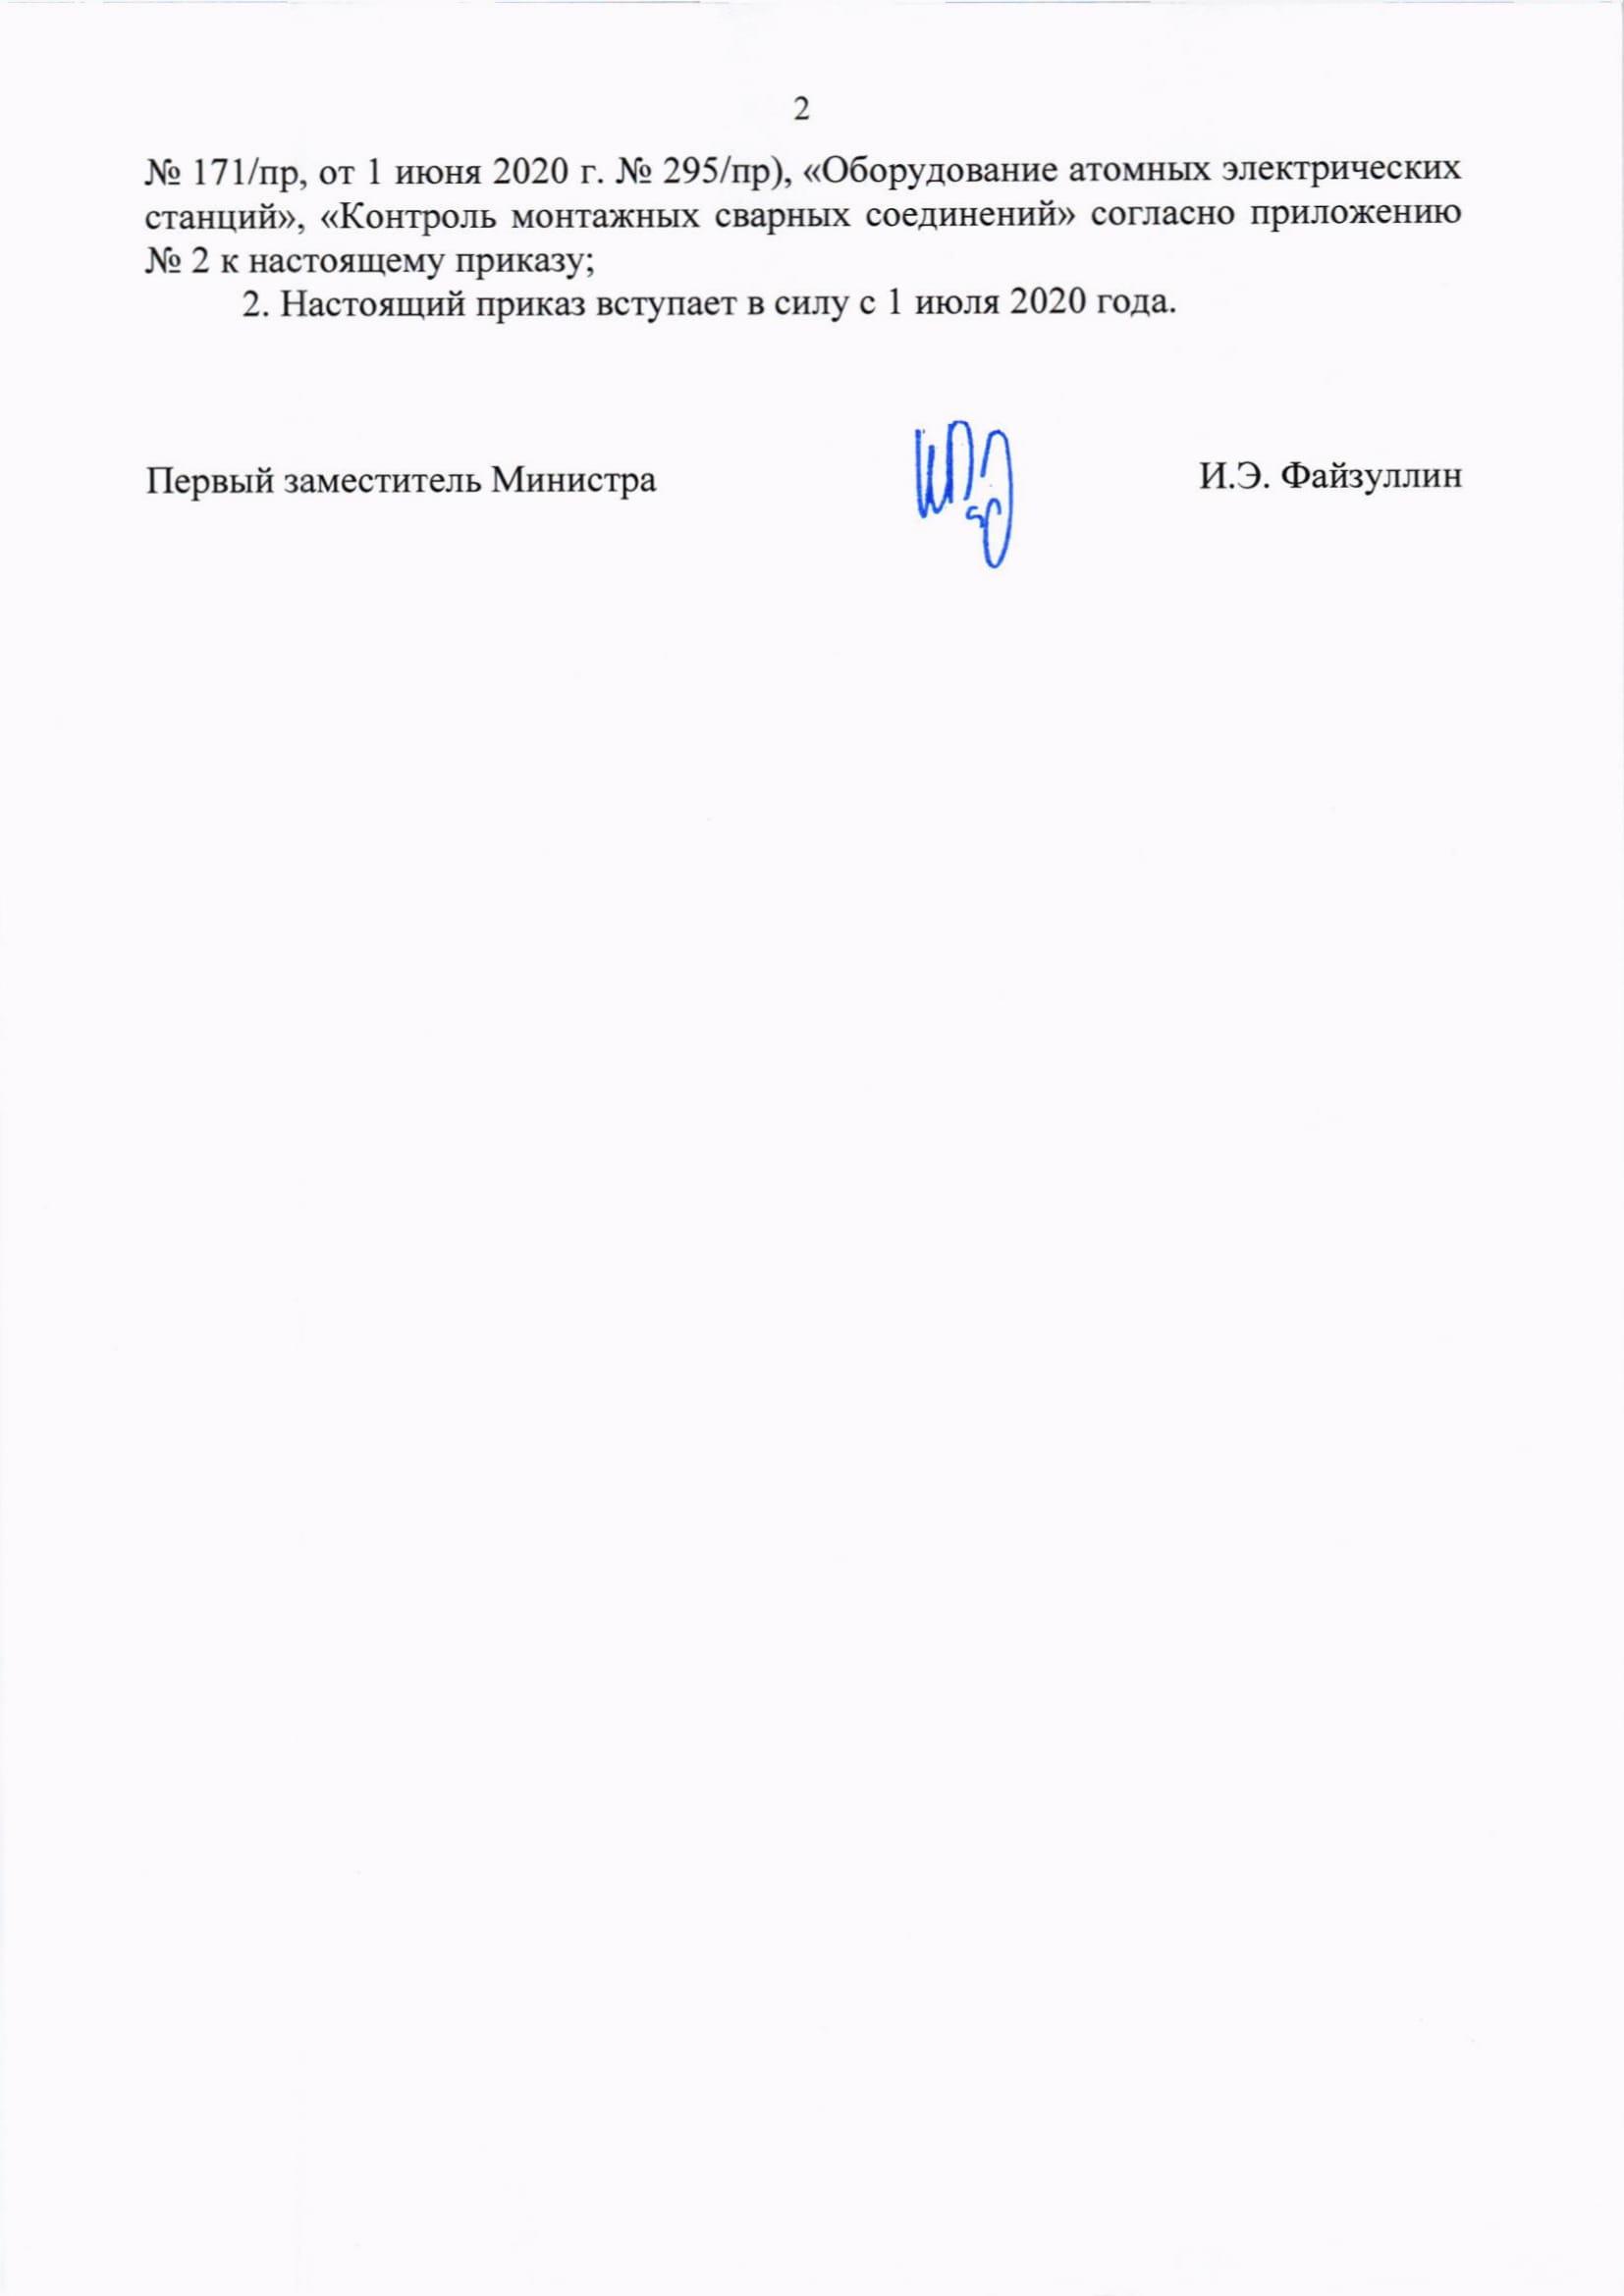 приказ №352/пр от 30 июня 2020 г.